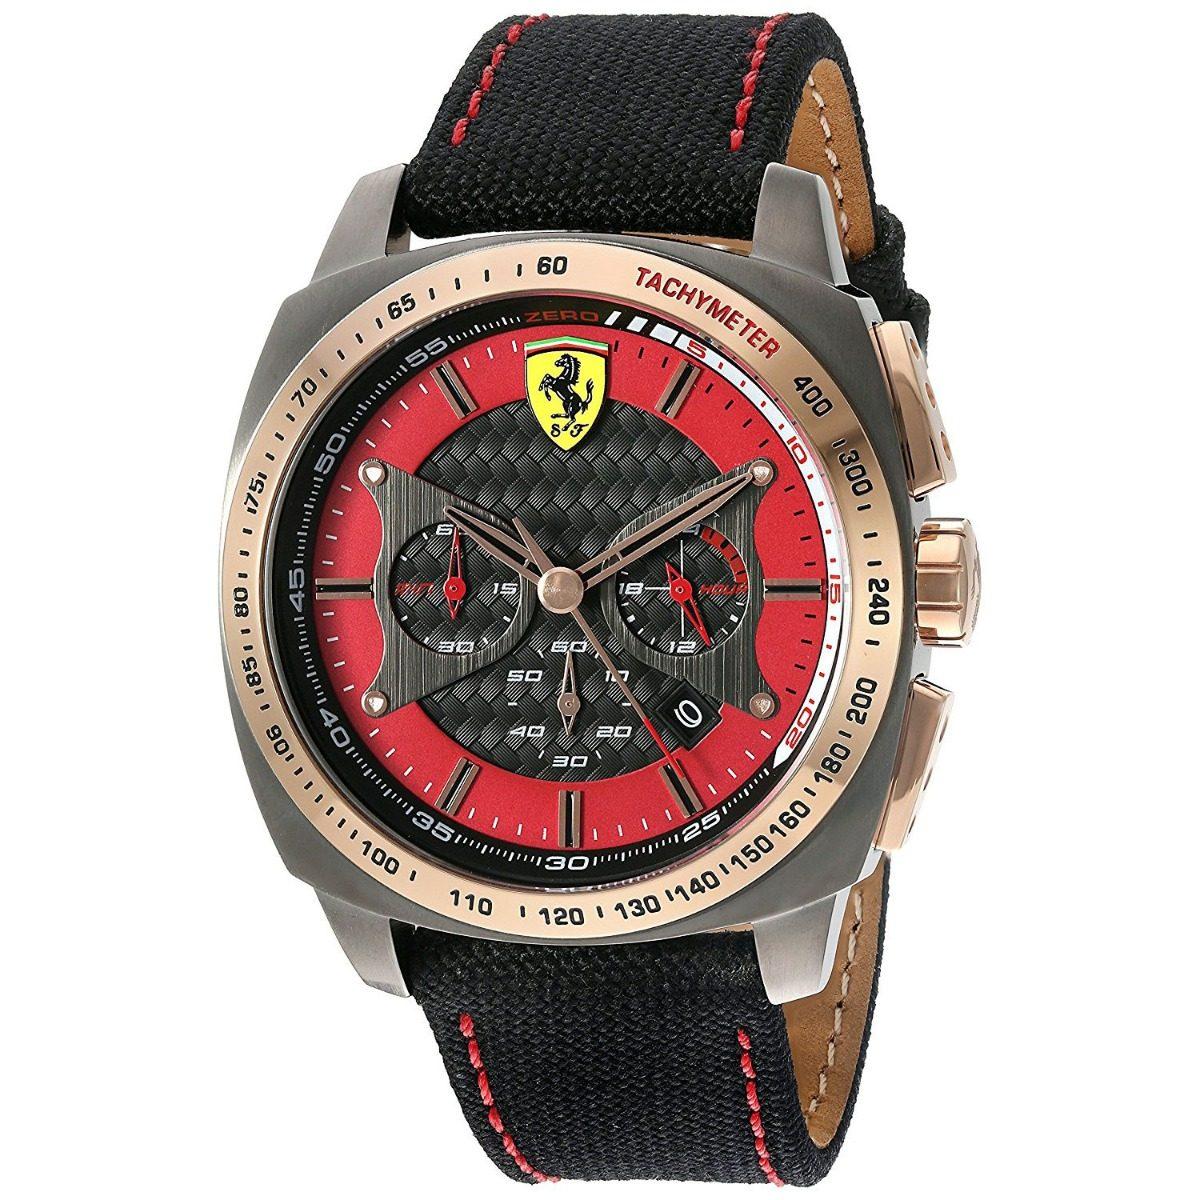 b1e266dbb748 Reloj Ferrari Aero Evo 830294 Cronografo